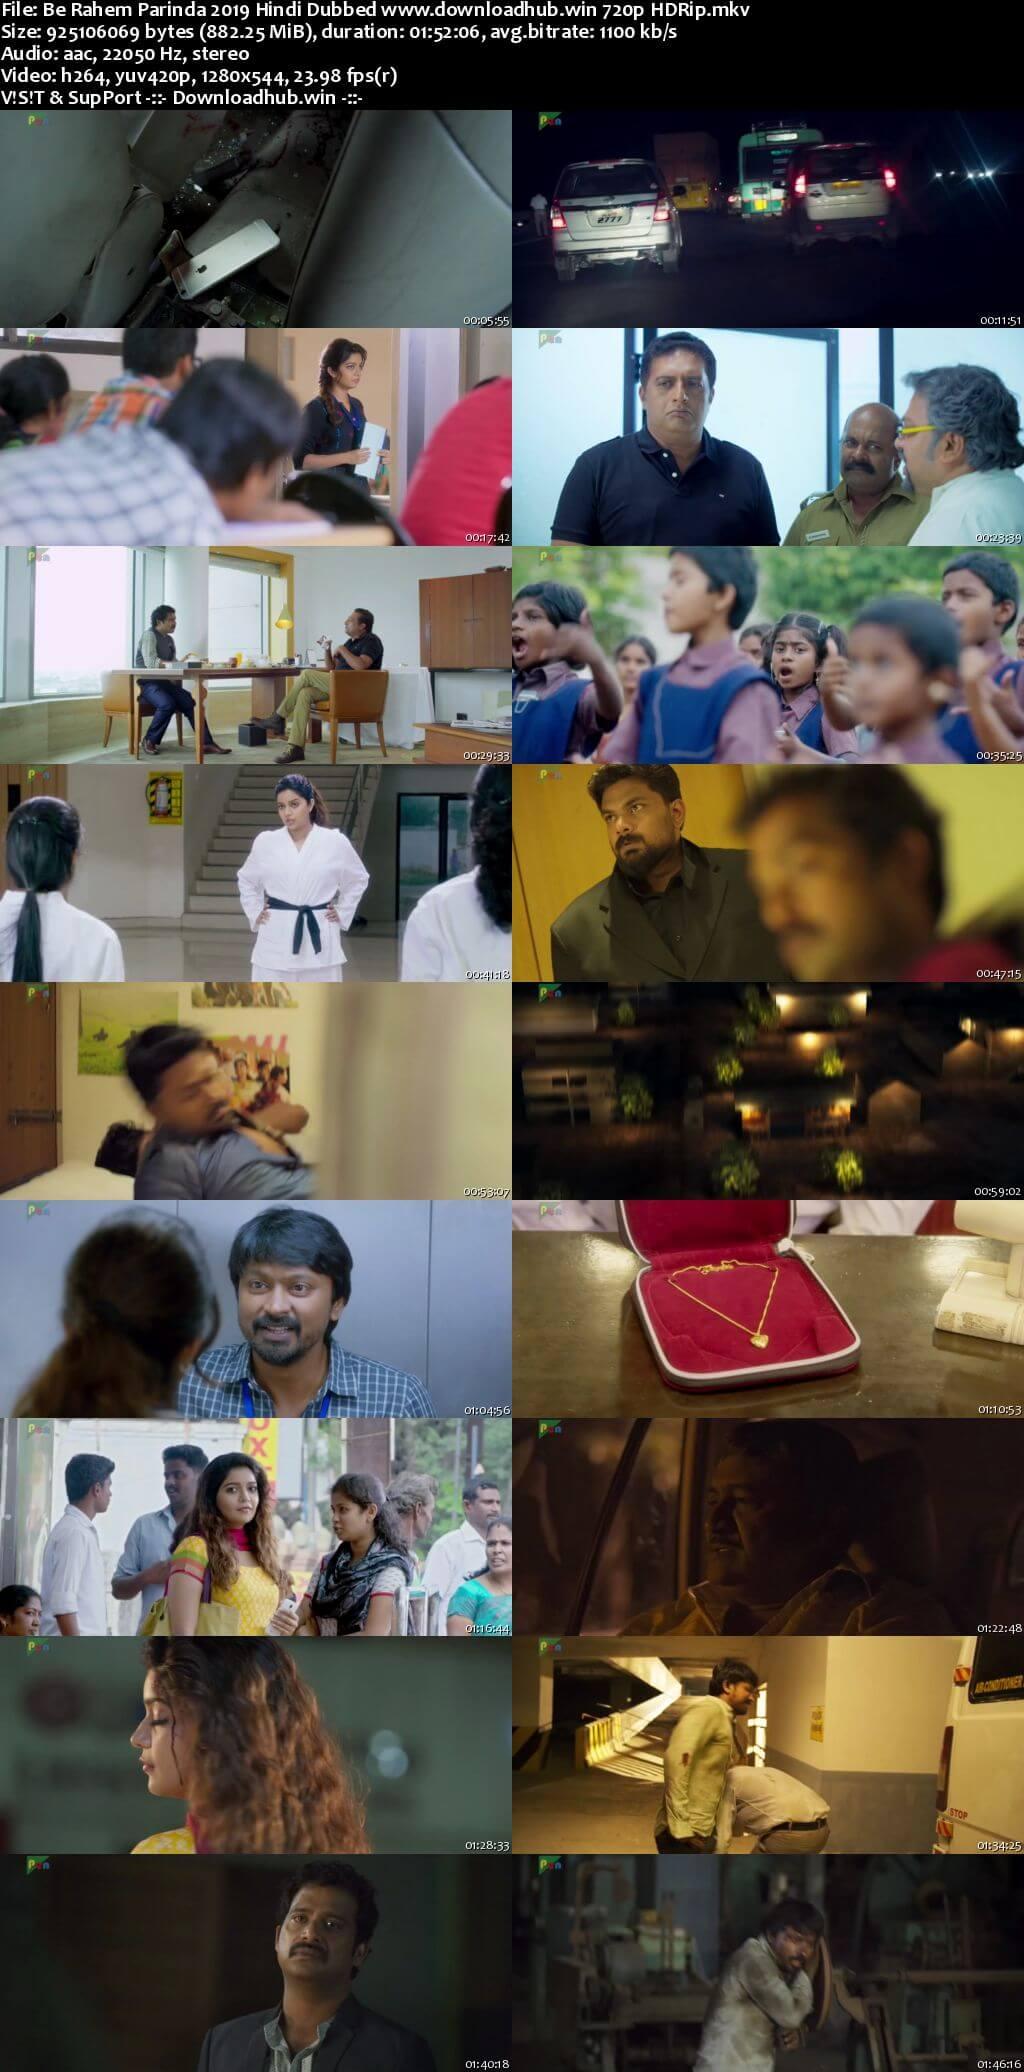 Be Rahem Parinda 2019 Hindi Dubbed 720p HDRip x264